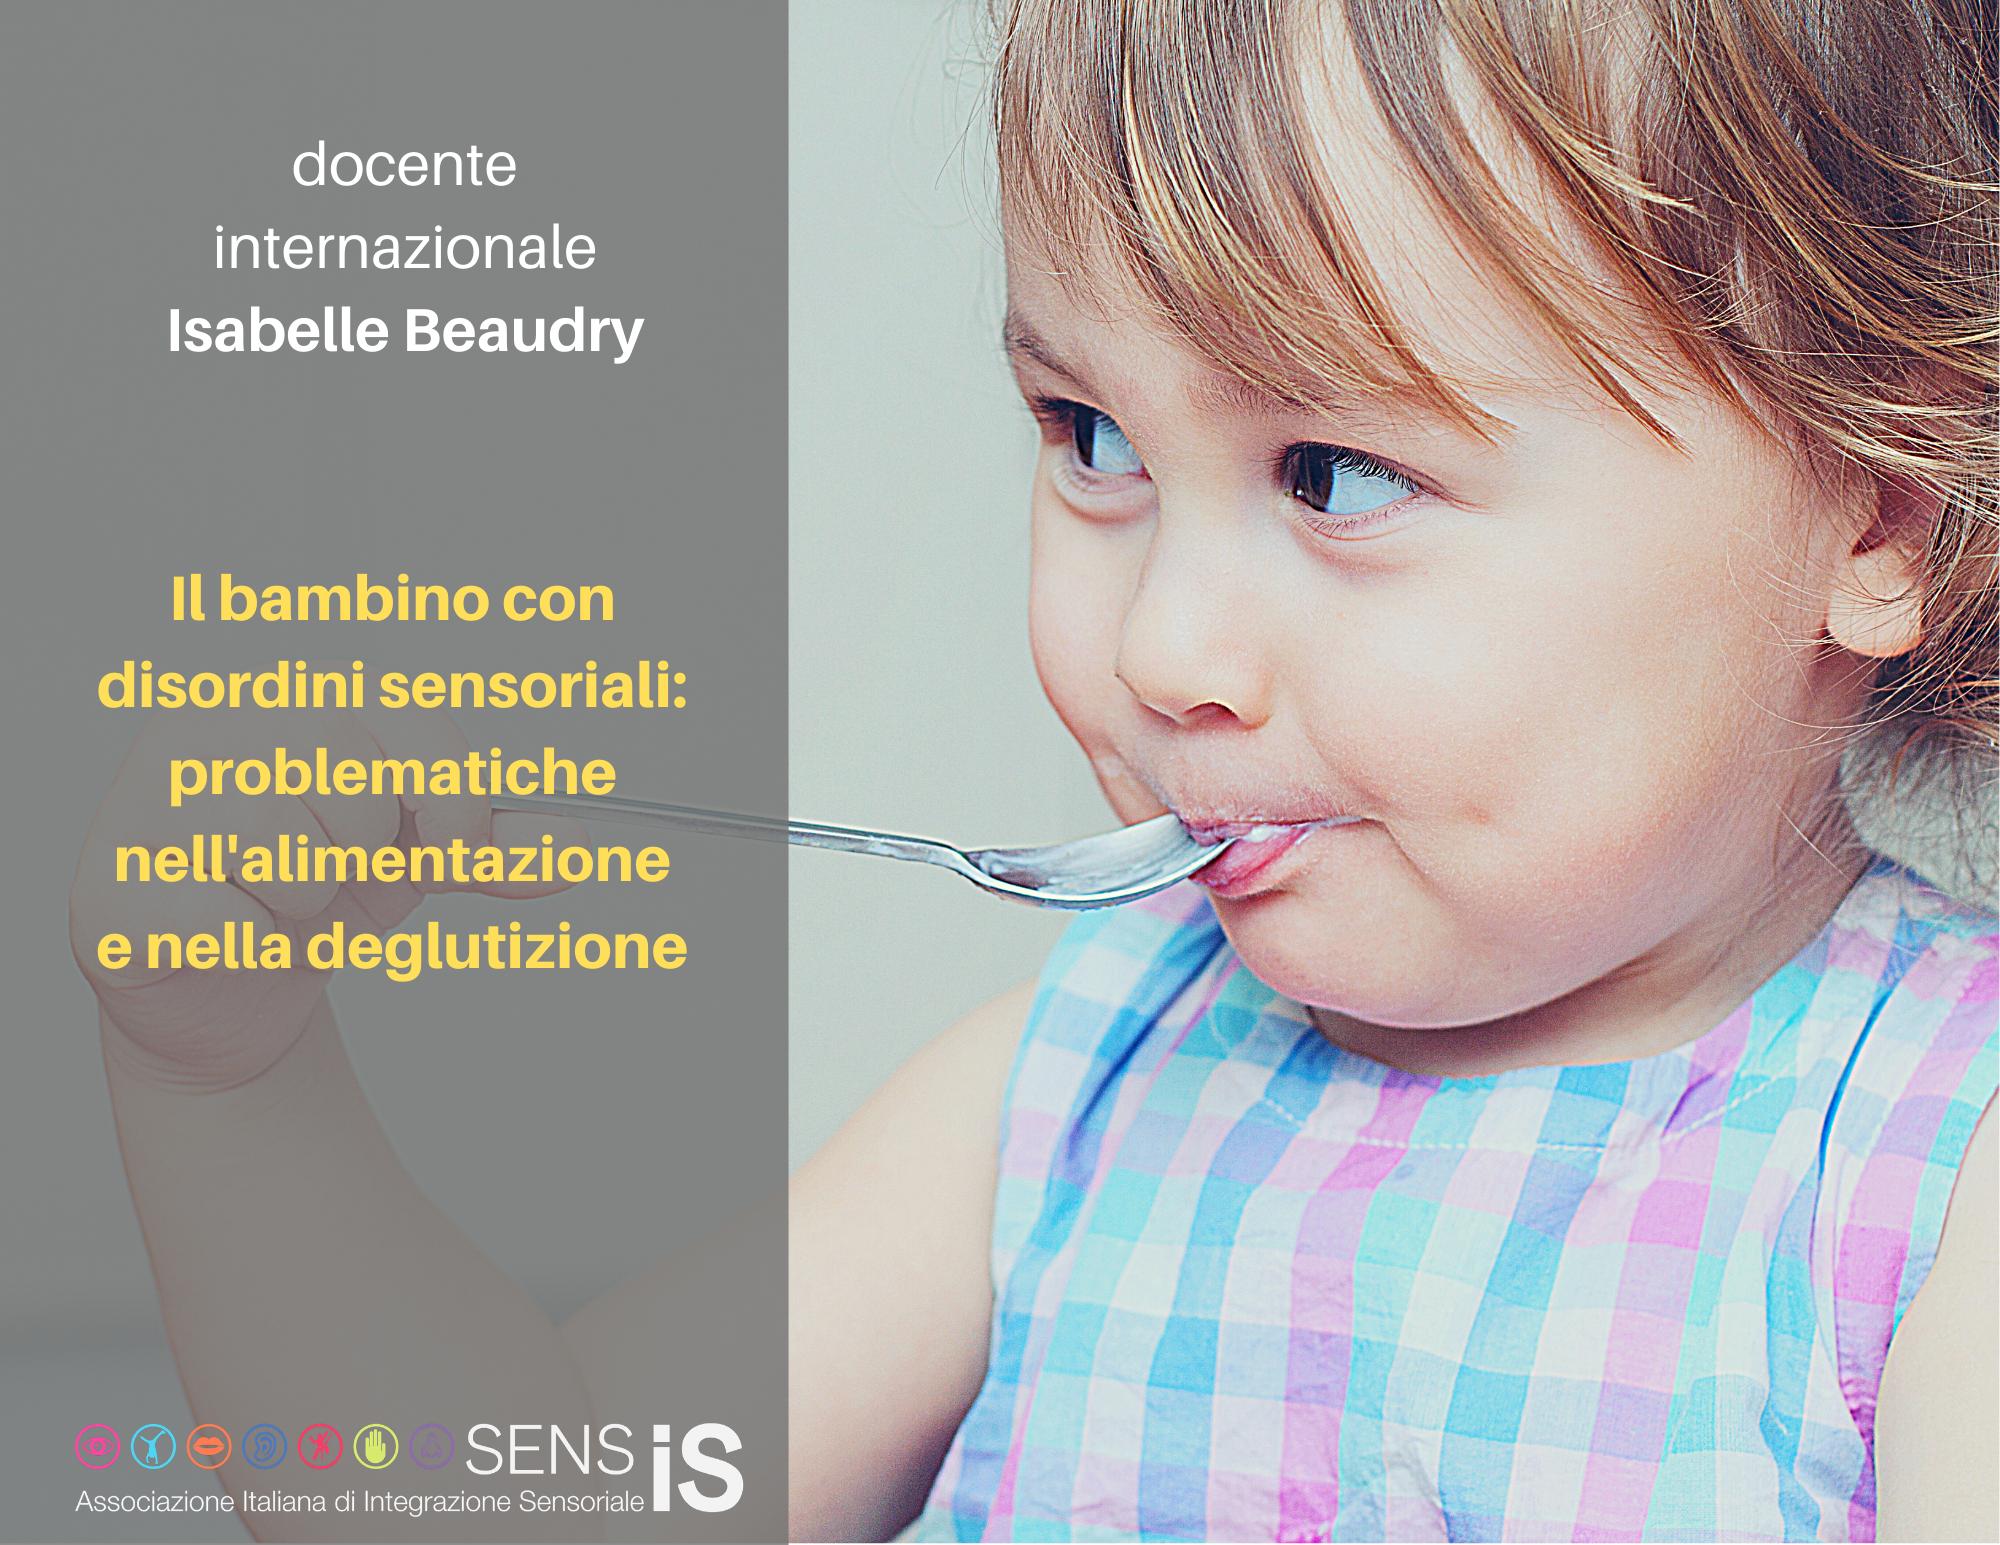 IL BAMBINO CON DISORDINI SENSORIALI: PROBLEMATICHE NELLA DEGLUTIZIONE - 29/01/2021